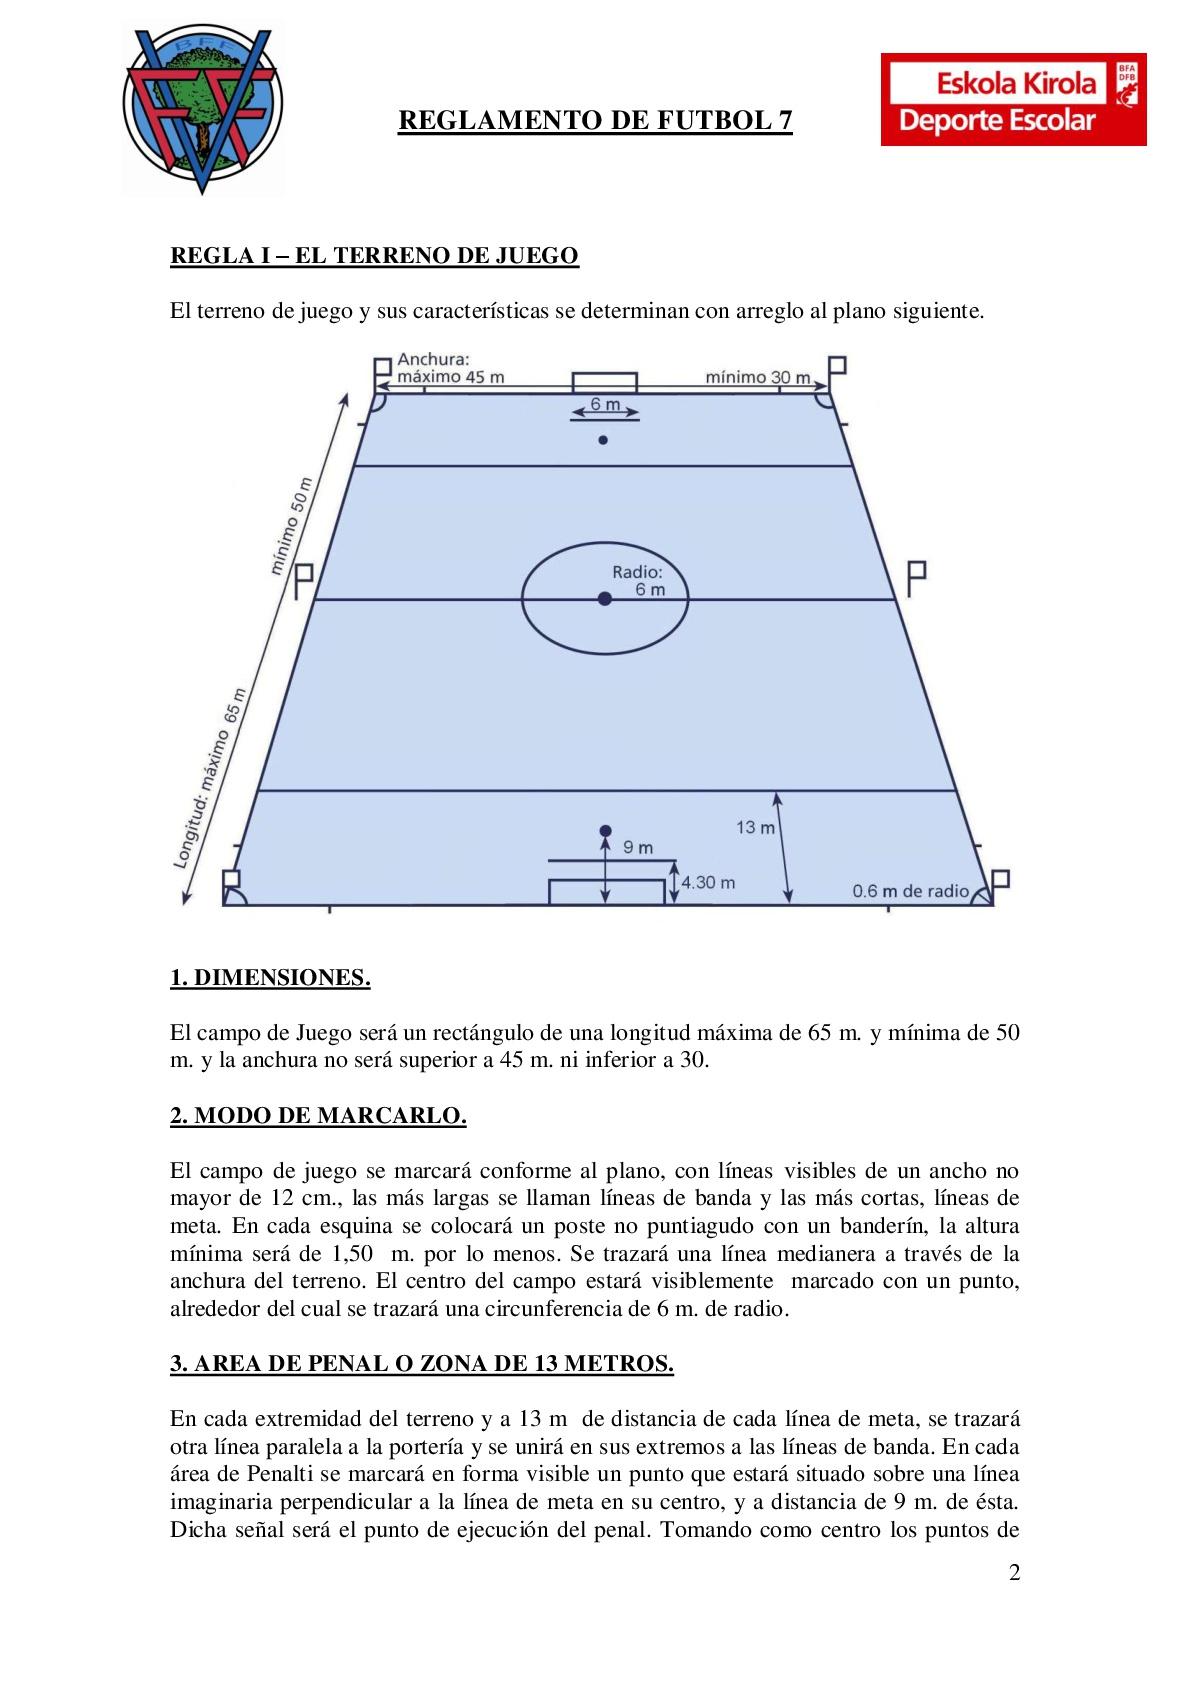 Reglamento-F7-002